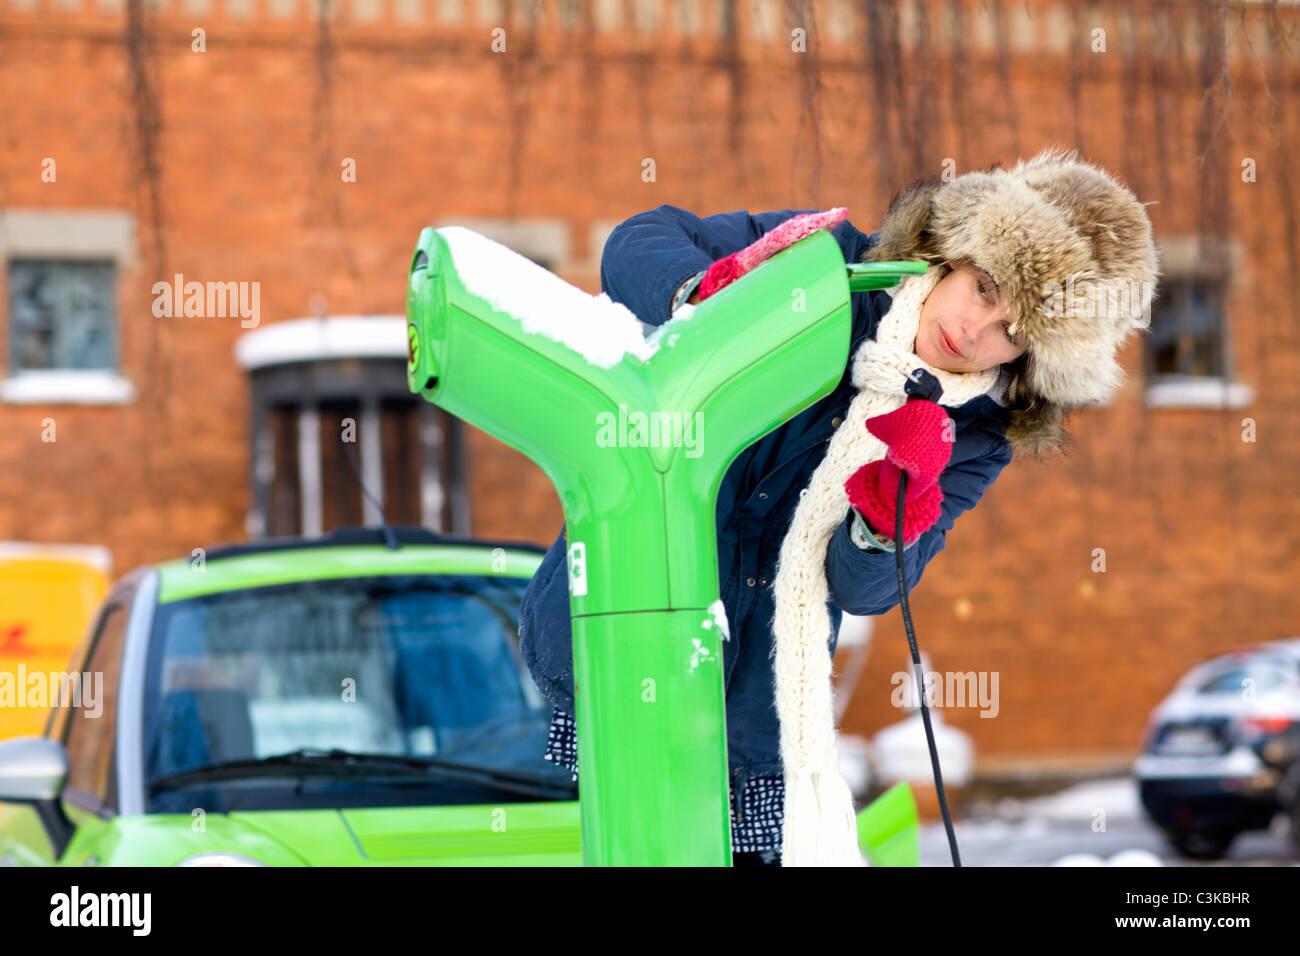 Giovane donna ricarica auto elettrica Immagini Stock